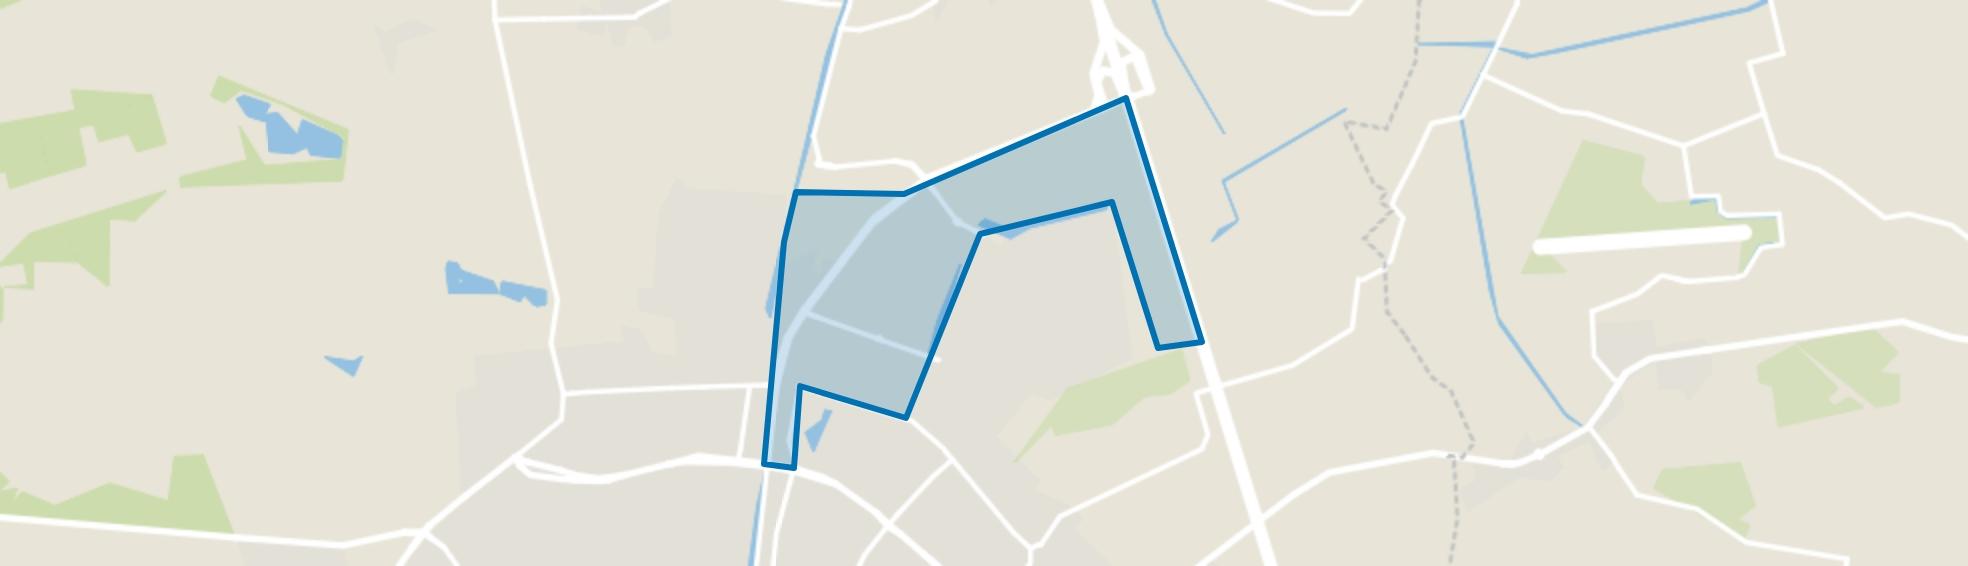 Bedrijvenpark Apeldoorn Noord, Apeldoorn map